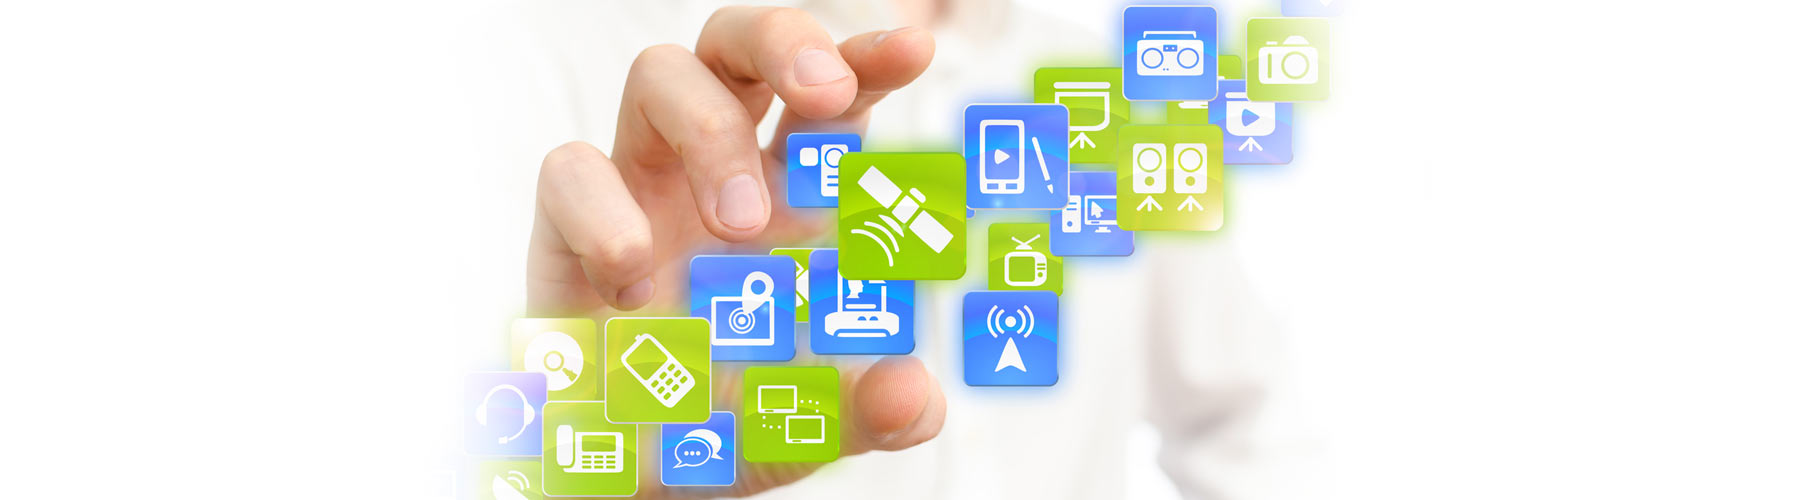 Las mejores aplicaciones salud móvil